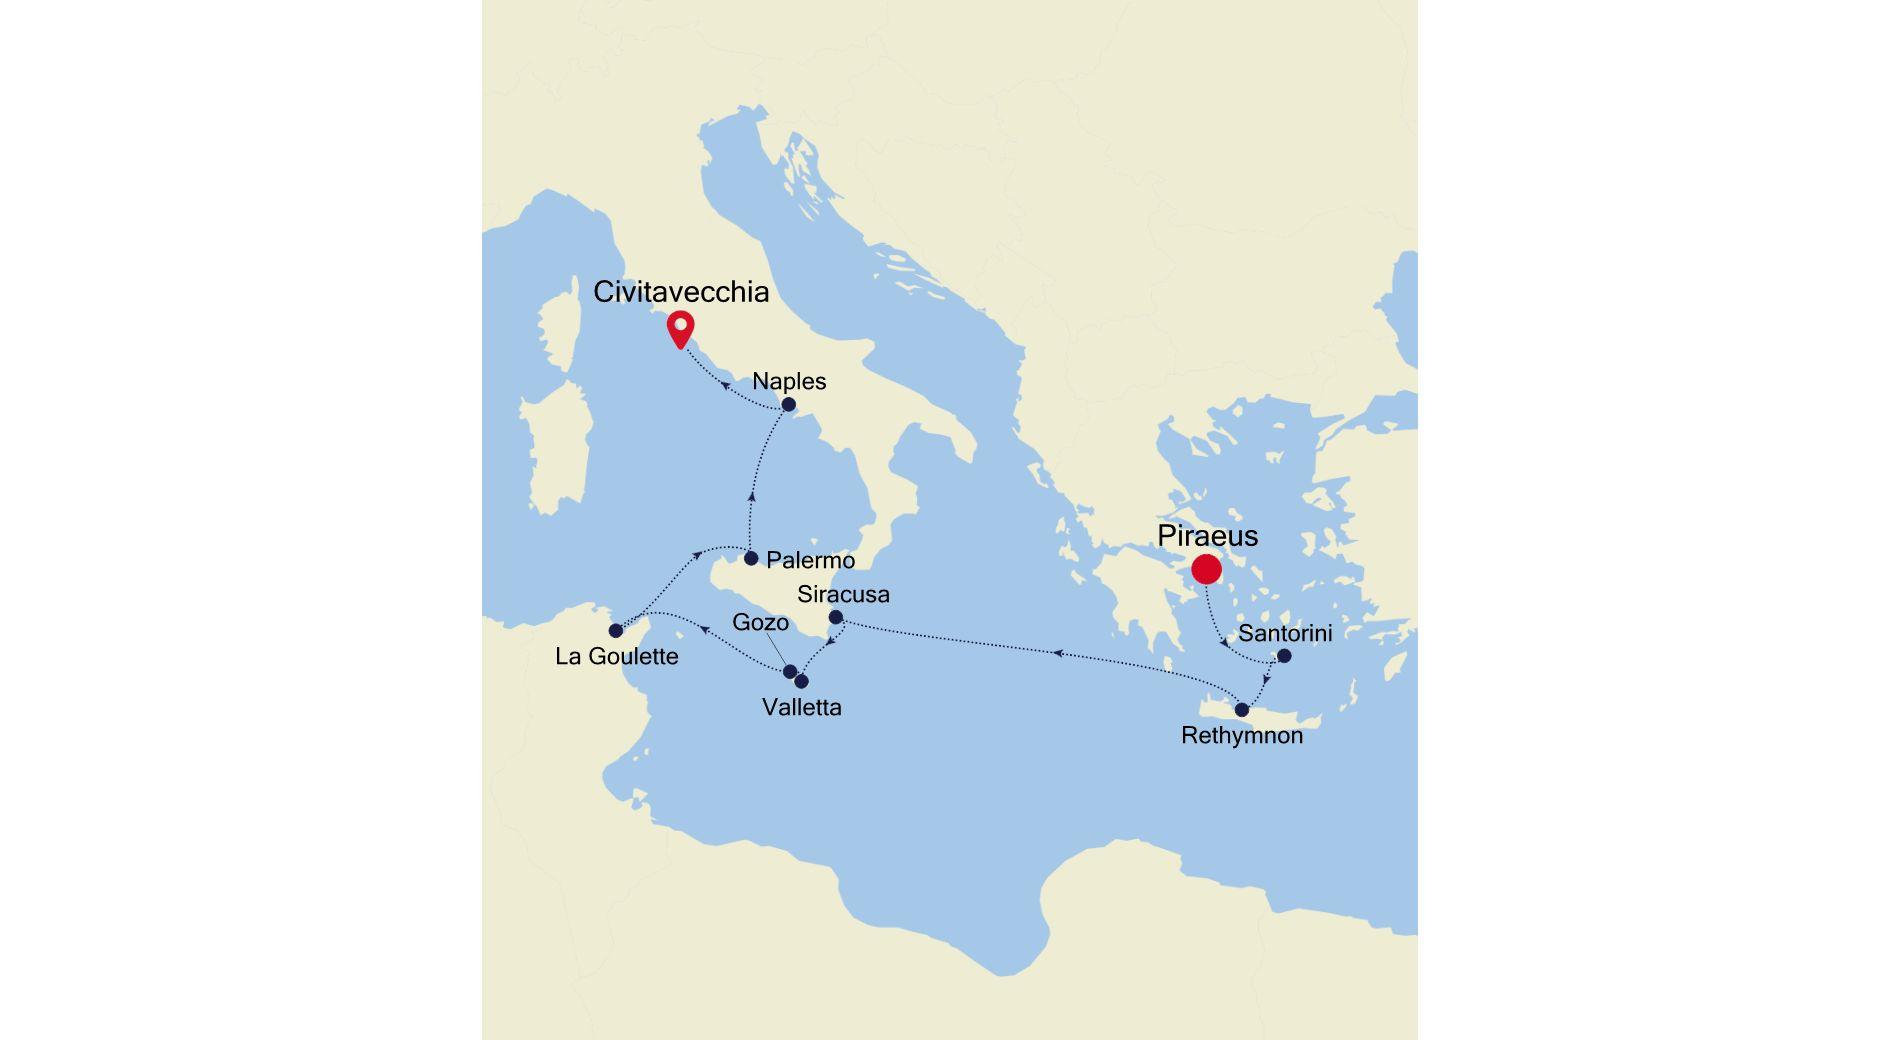 SS211005010 - Athens a Civitavecchia